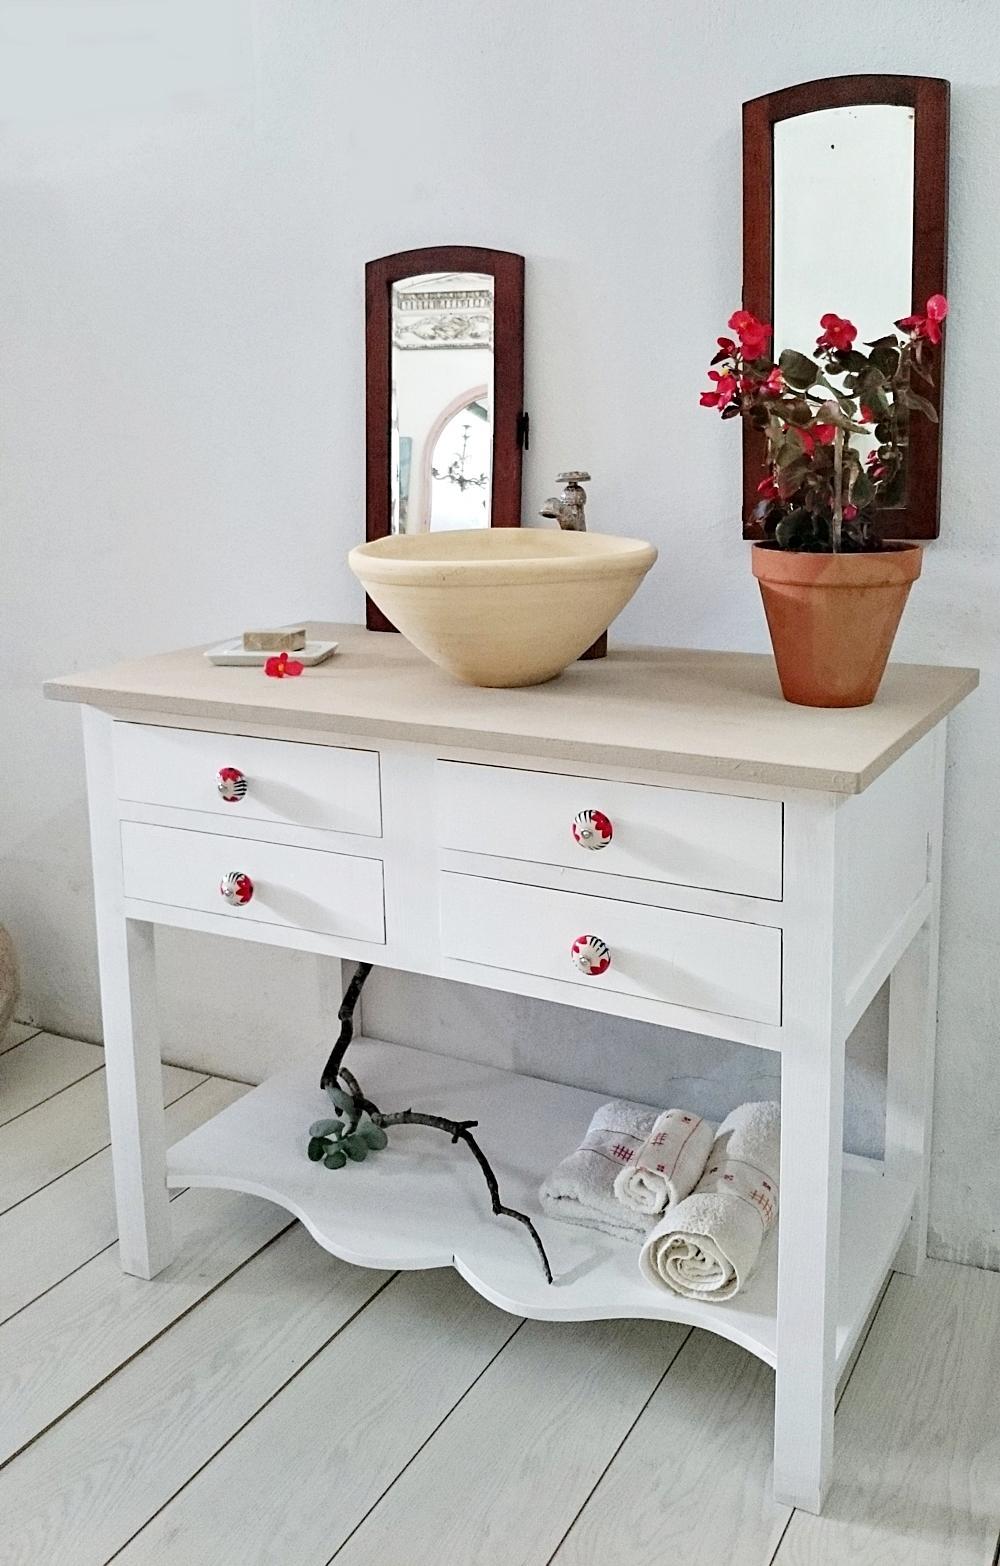 Mueble de baño blanco decapado 4 cajones | Tienda online de ...